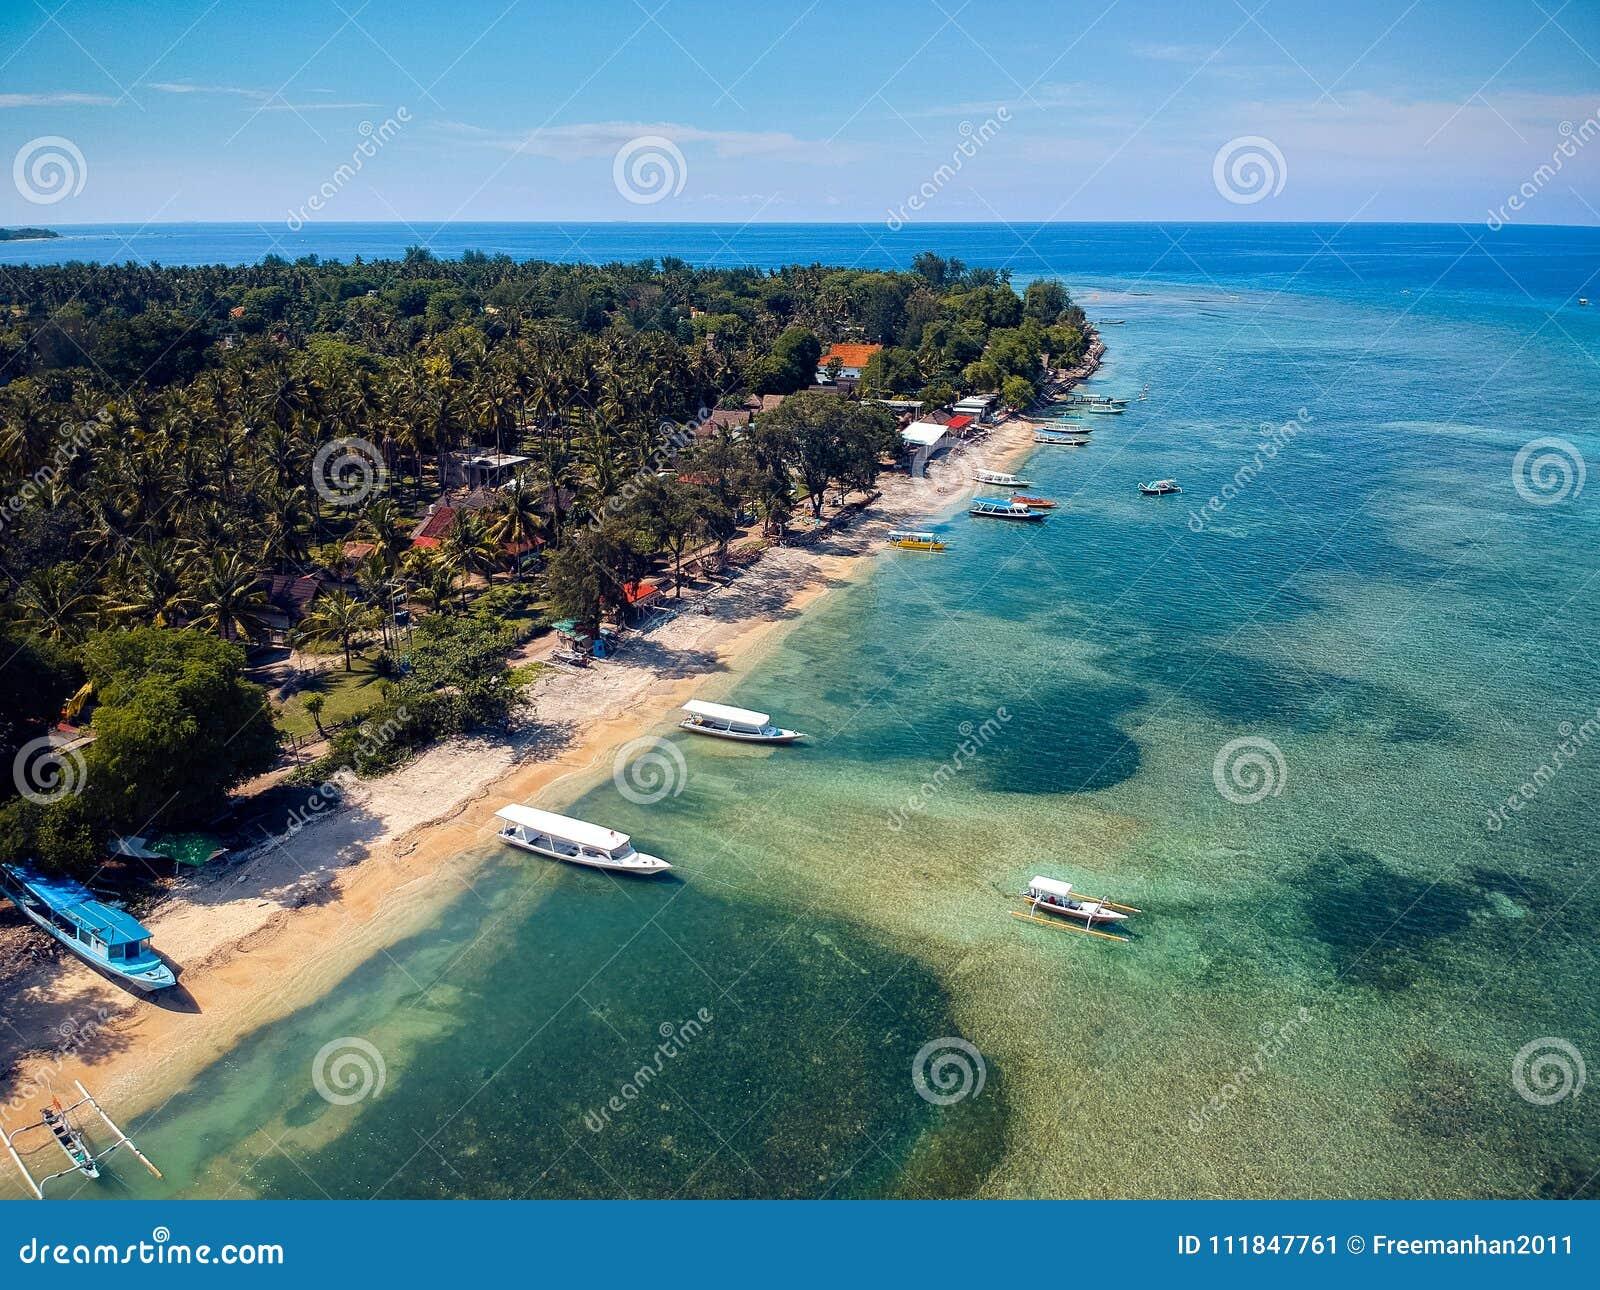 Spiaggia tropicale con le barche e una bella vista dalla cima